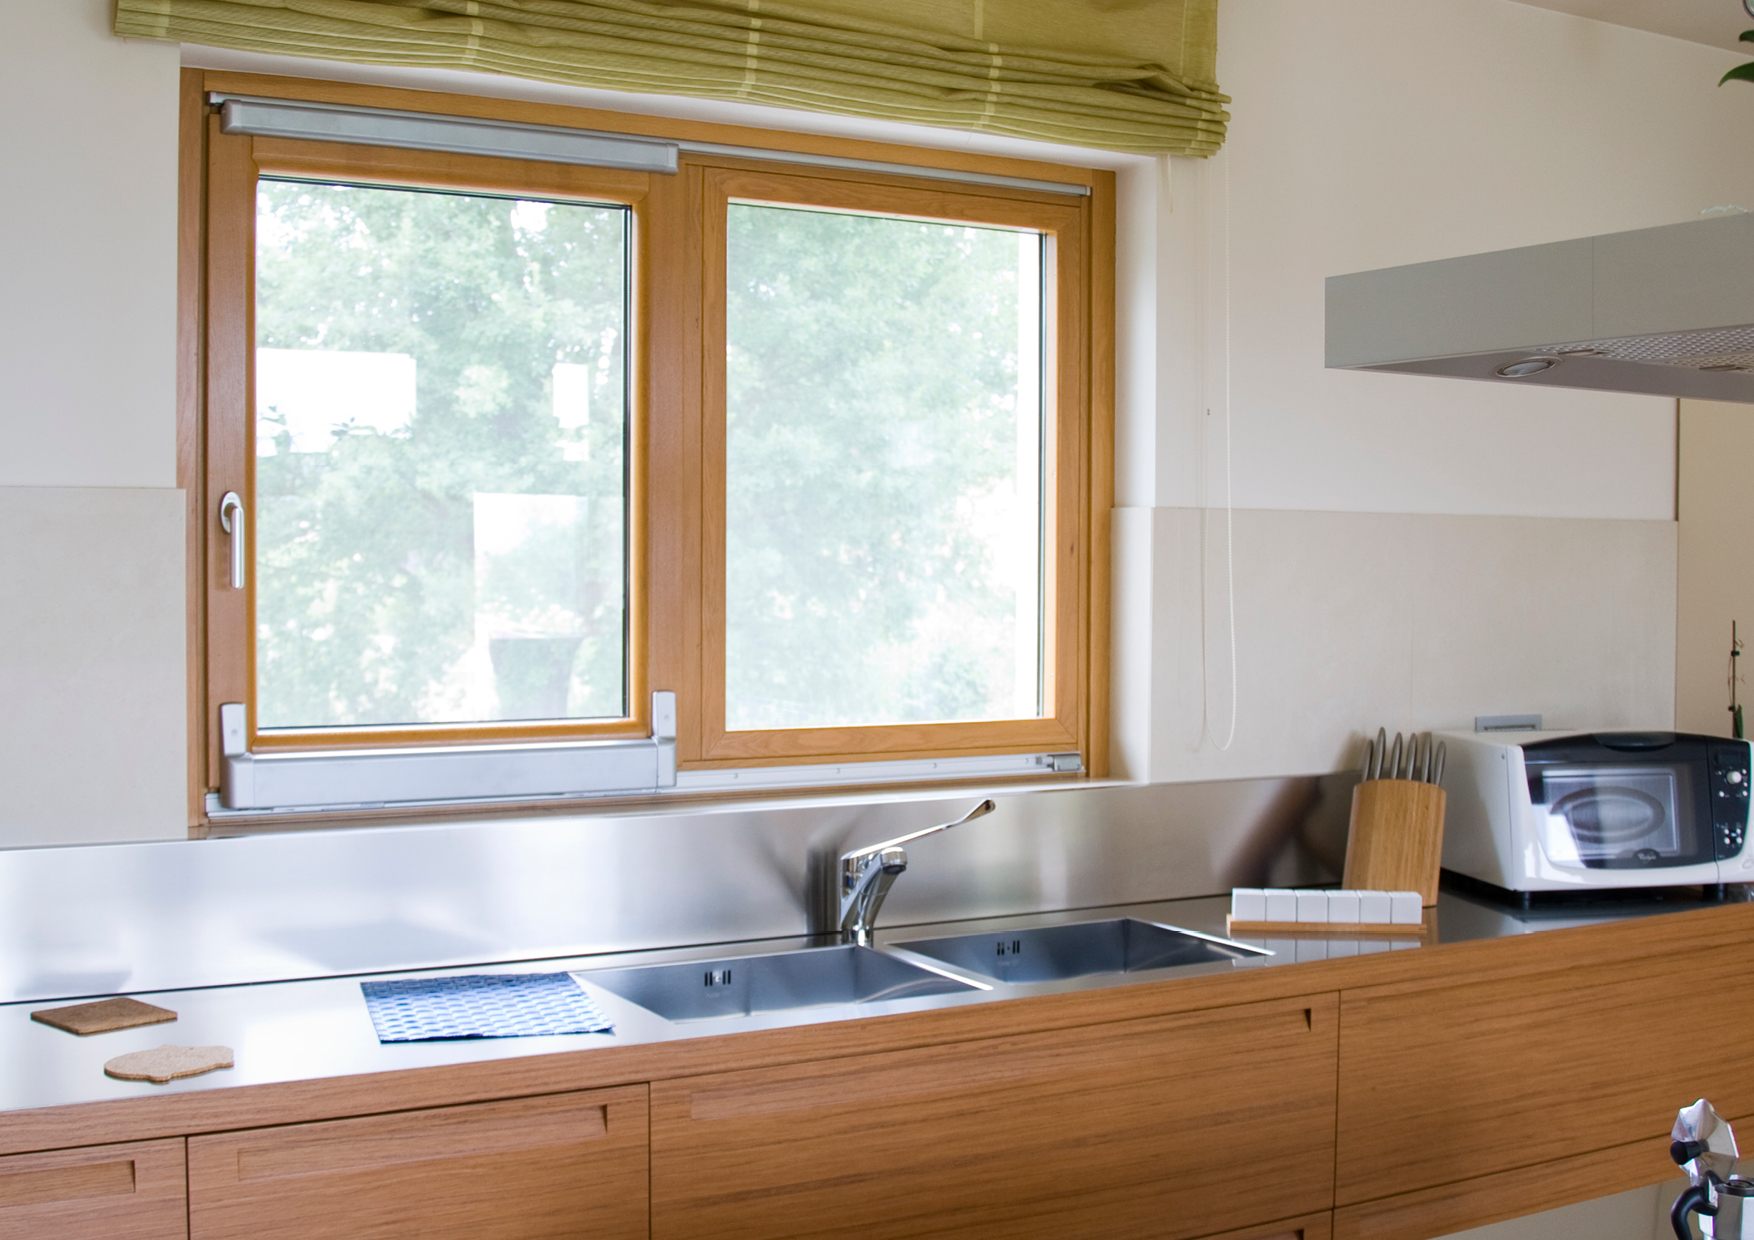 Cucina Con Finestra Orizzontale come avere una cucina luminosa in poche mosse